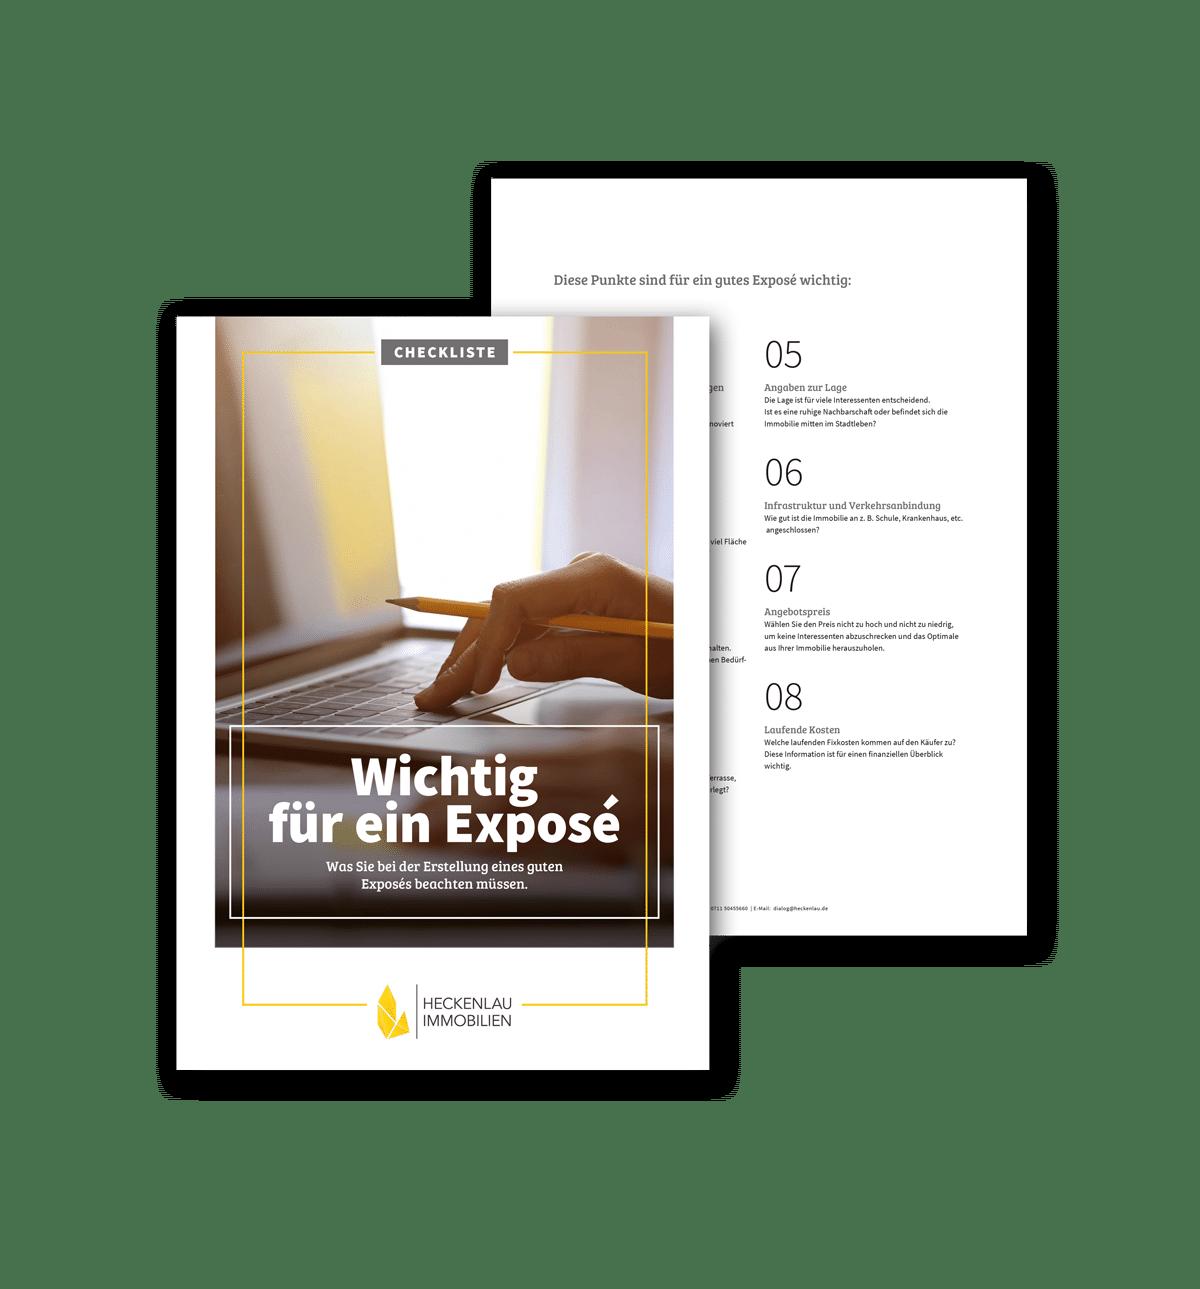 Was gehört in ein Exposé - Checkliste von Heckenlau Immobilien - Makler für den Verkauf von Wohnimmobilien in Stuttgart